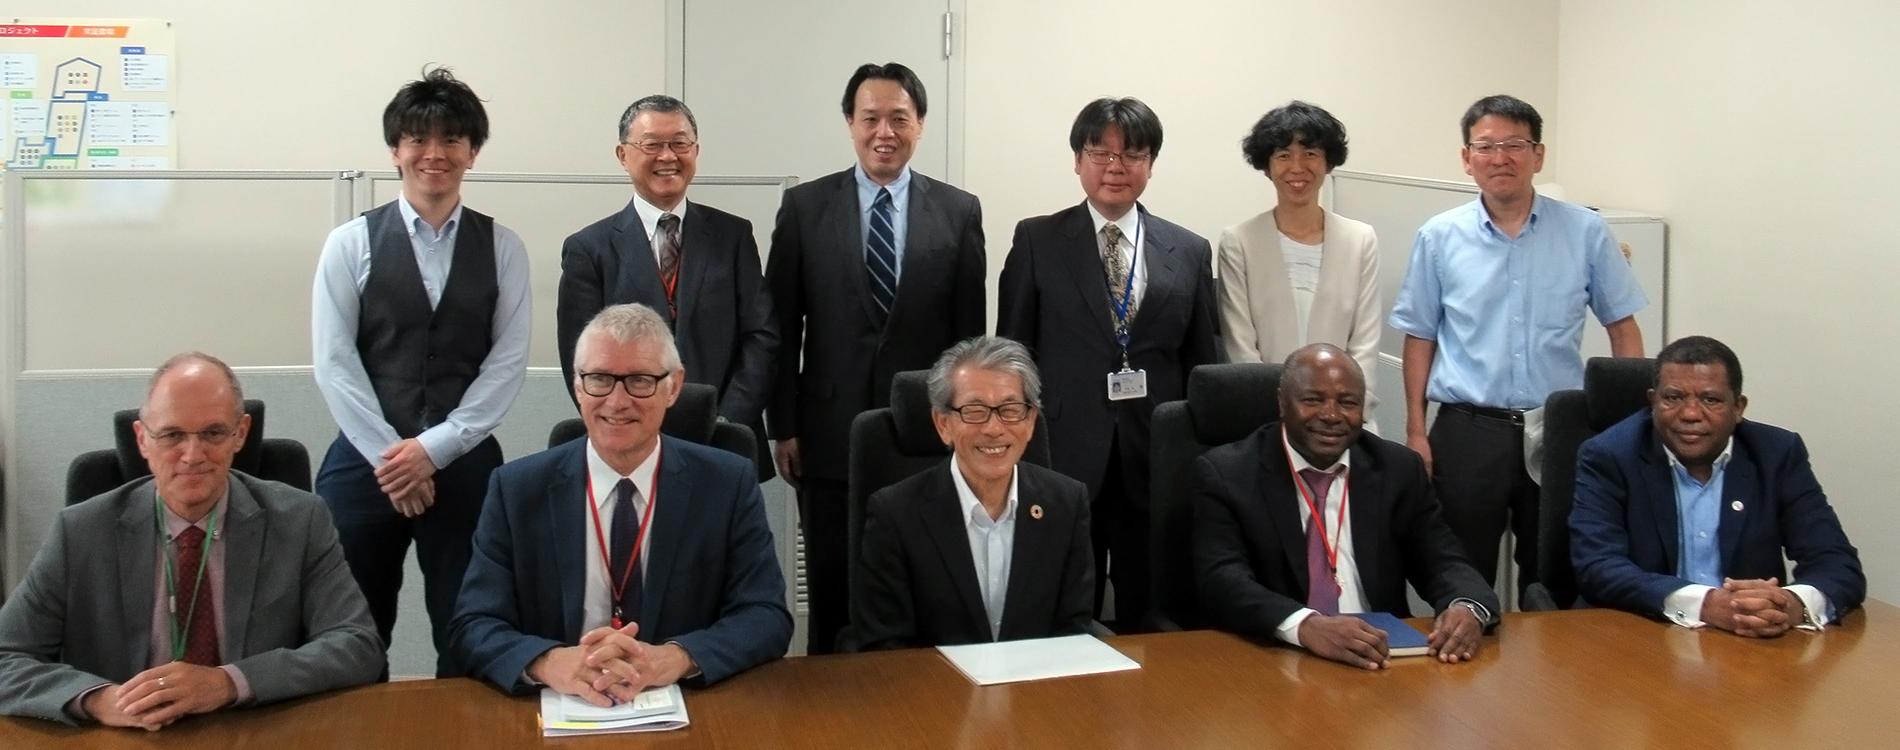 IITA participates in TICAD 7 in Japan